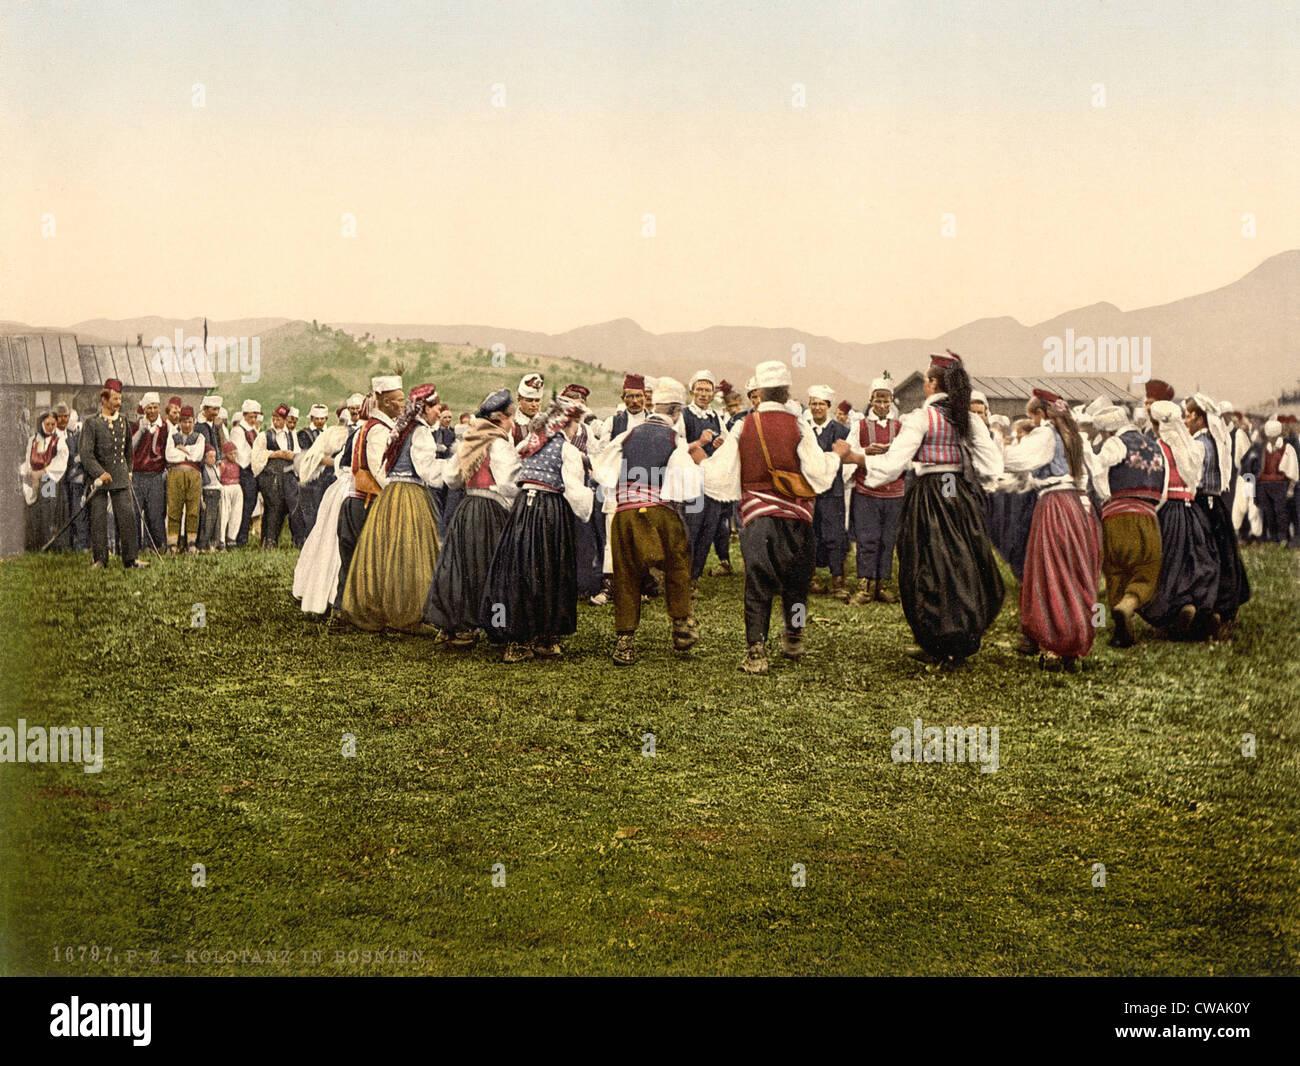 Peasants dancing, Bosnia, Austro-Hungary, ca. 1895 - Stock Image